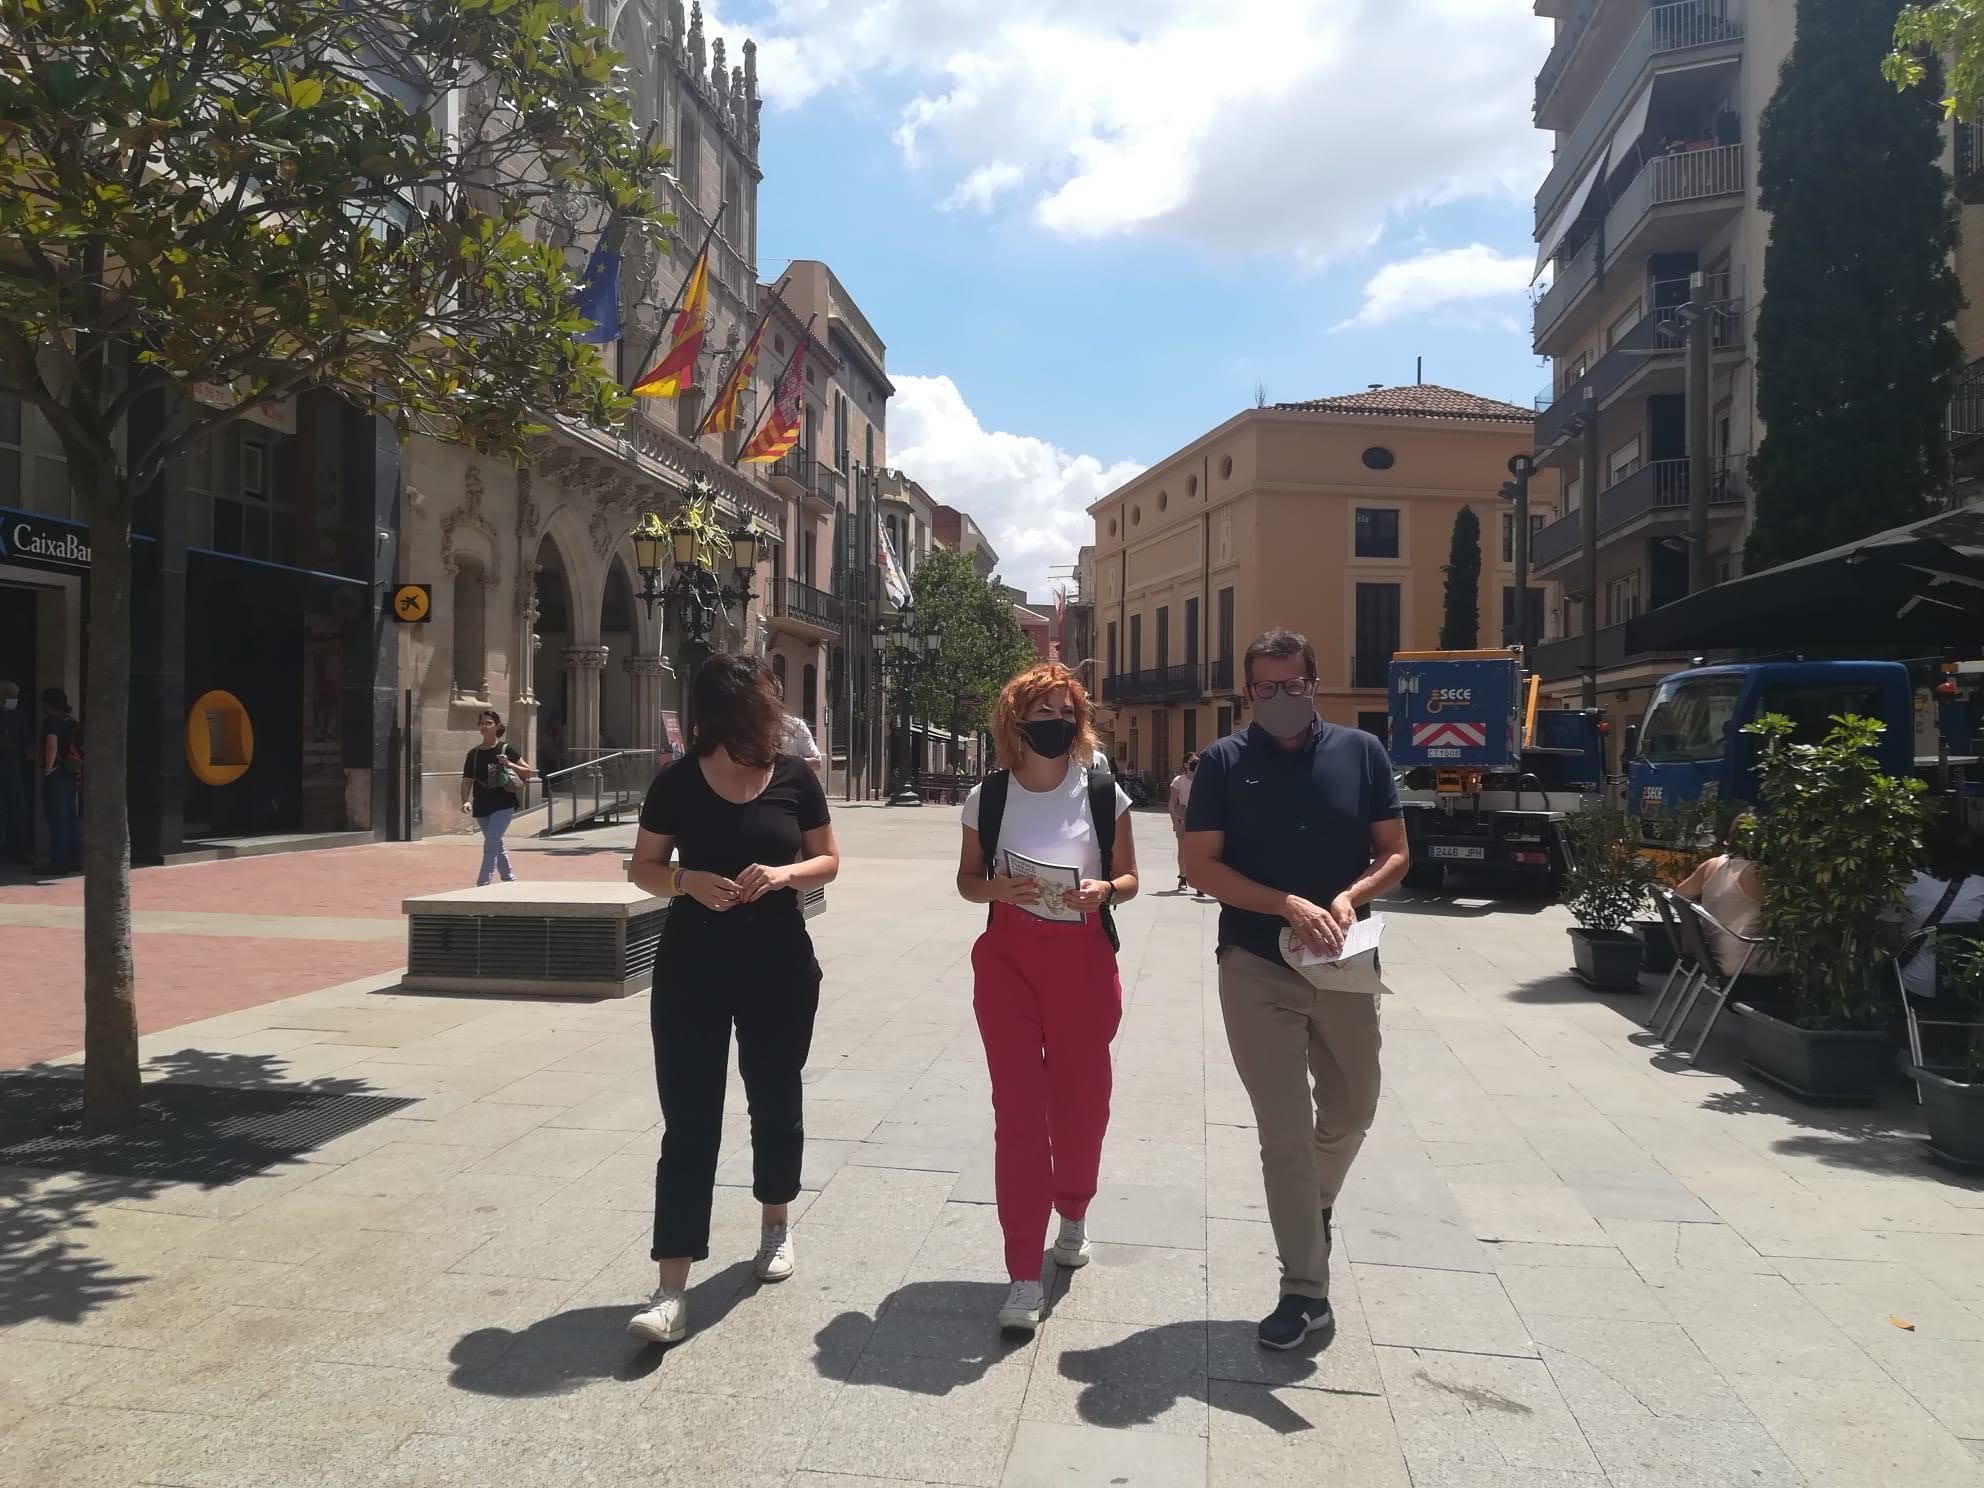 Alamany s'ha reunit amb els regidors d'ERC Terrassa per conèixer els projectes com l'illa de vianants o el ple de dones | ERC Terrassa